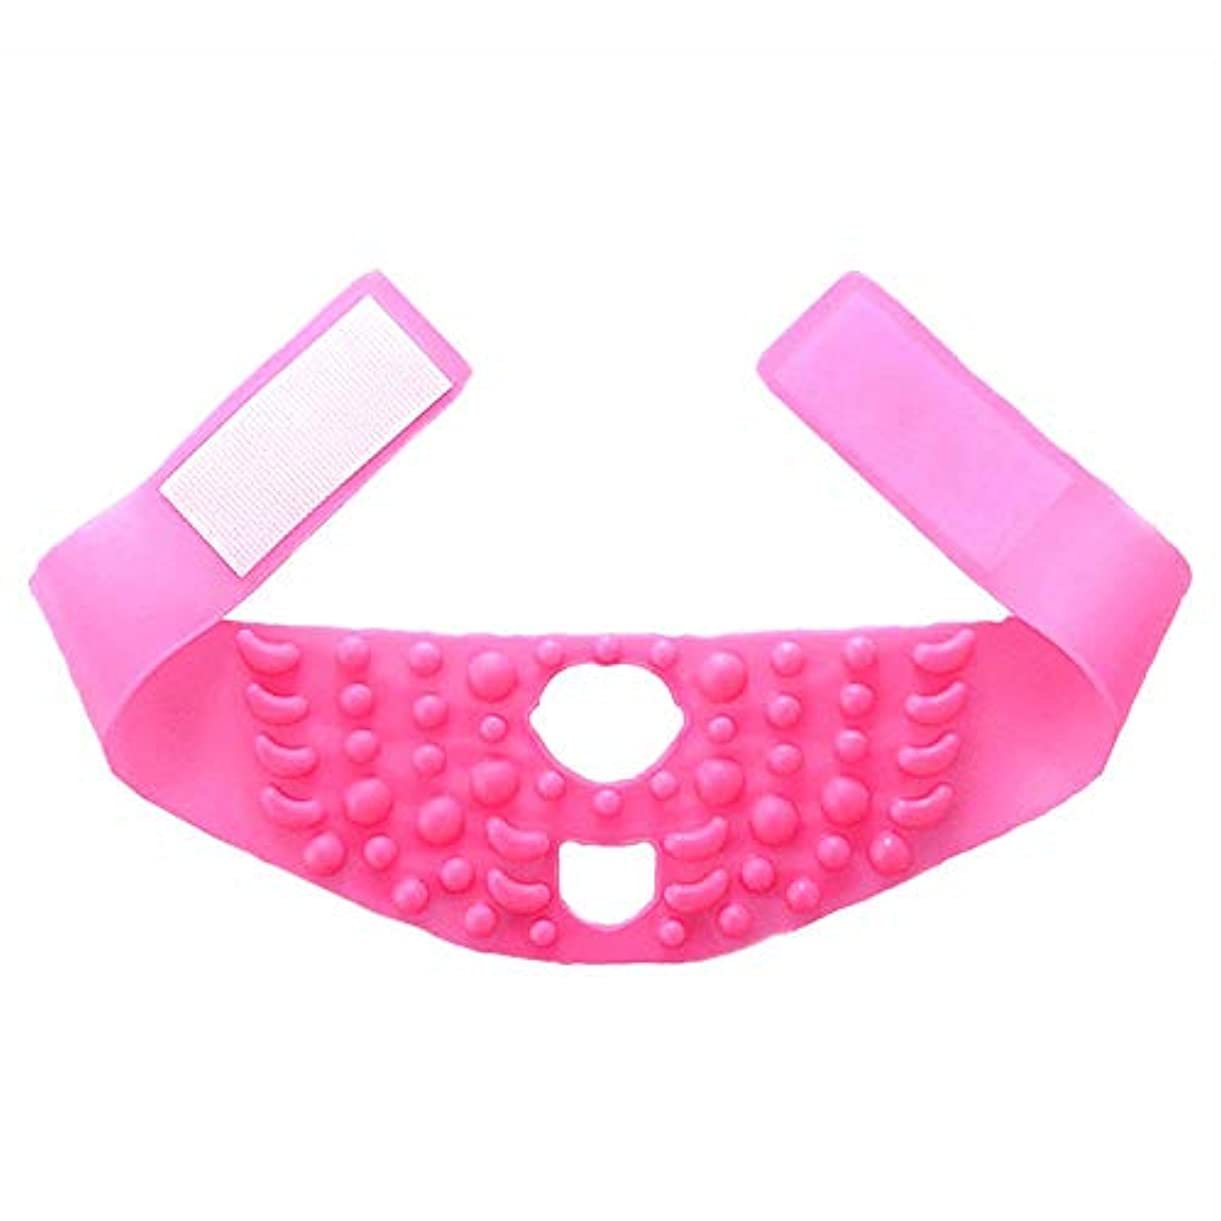 オリエンテーションコンプライアンス四面体シンフェイスマスクシリコーンマッサージ引き締まった形の小さなVフェイスリフティングに薄いフェイスアーティファクト包帯を飾る - ピンク